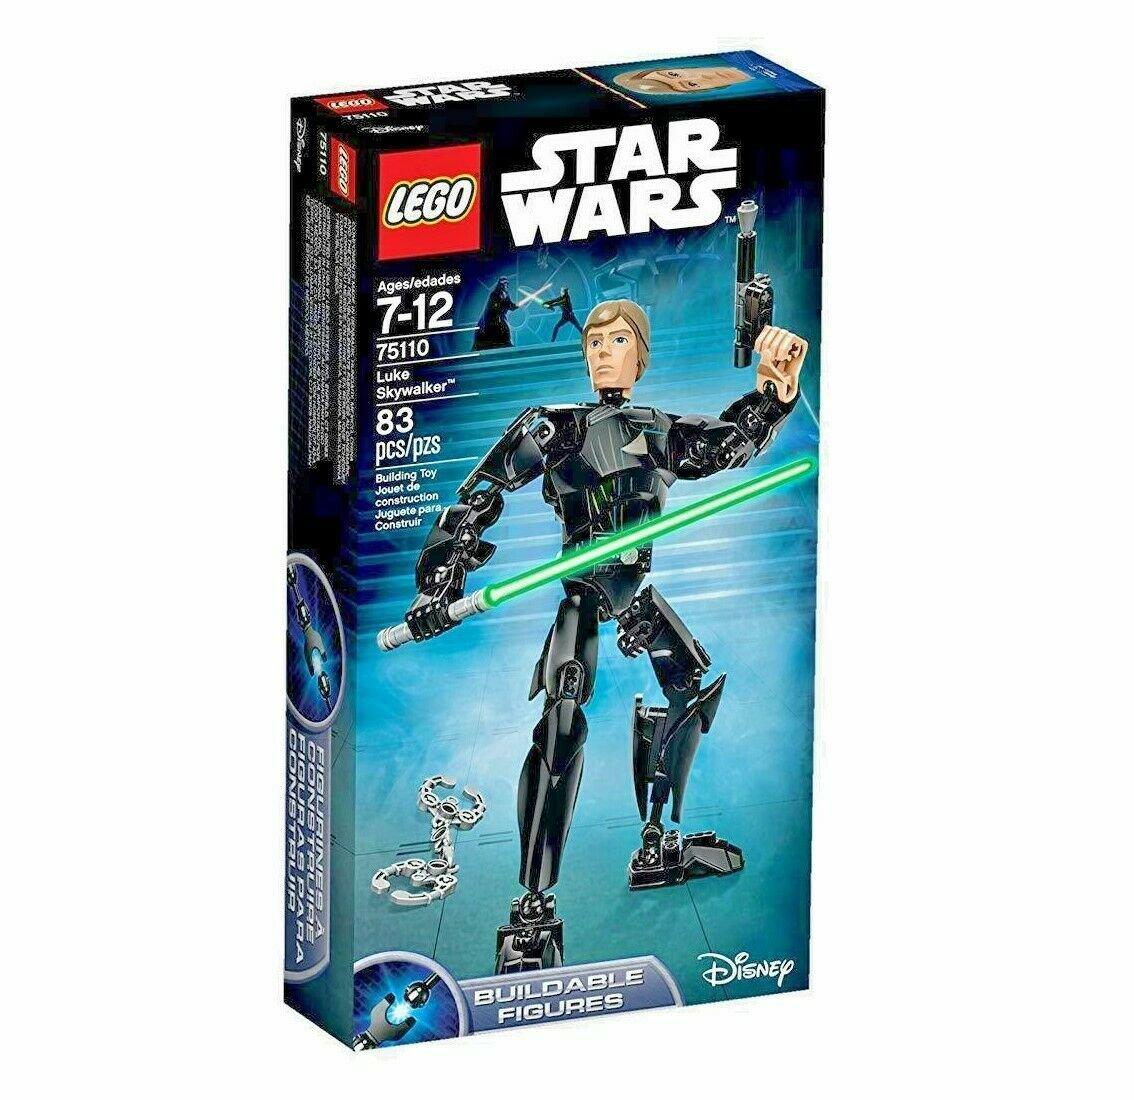 75110 Lego Star Wars Luke Skywalker